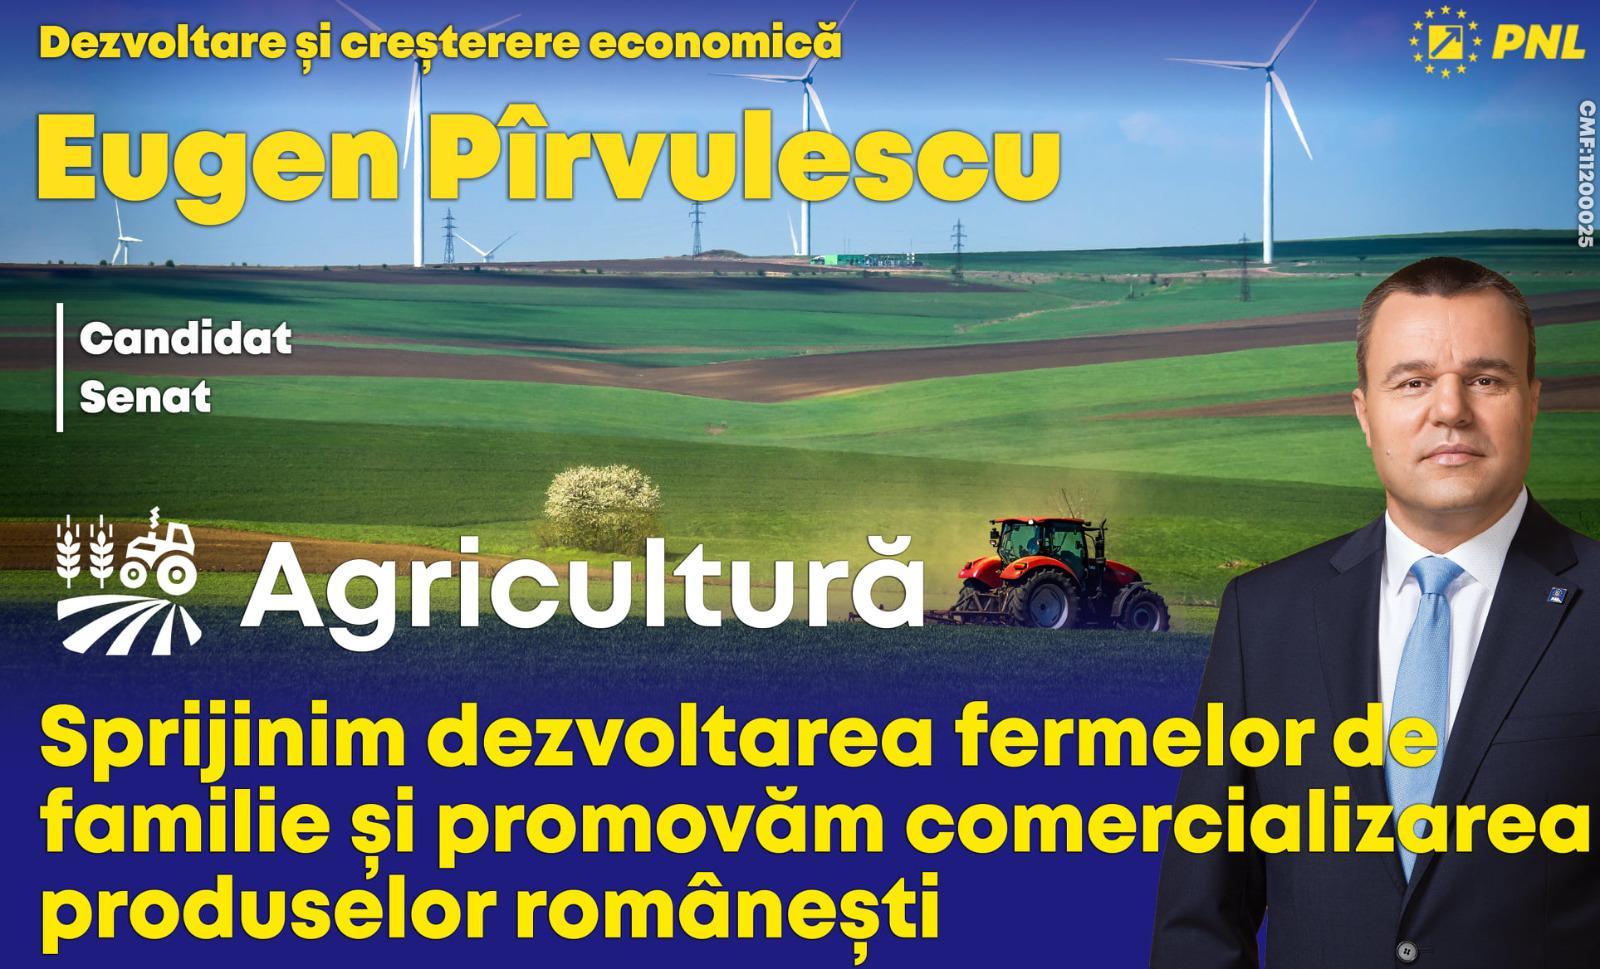 Senator Eugen Pîrvulescu: Sprijinim dezvoltarea fermelor de fami